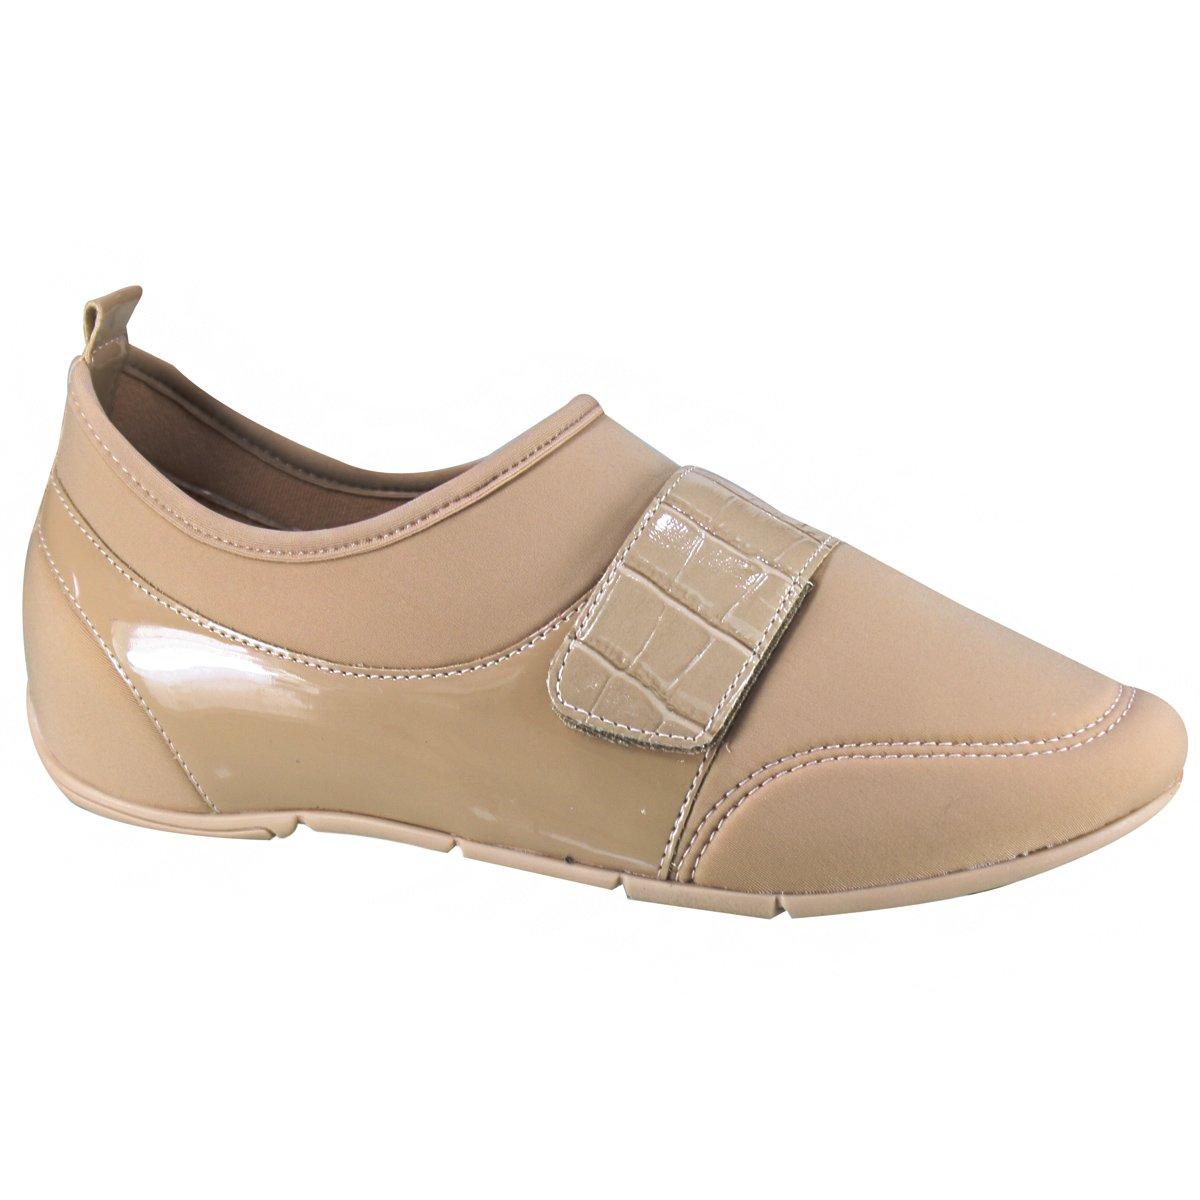 f6f16f1f4 Amplie a imagem. Sapato Comfortflex Ultrasoft Feminino; Sapato Comfortflex  Ultrasoft Feminino ...